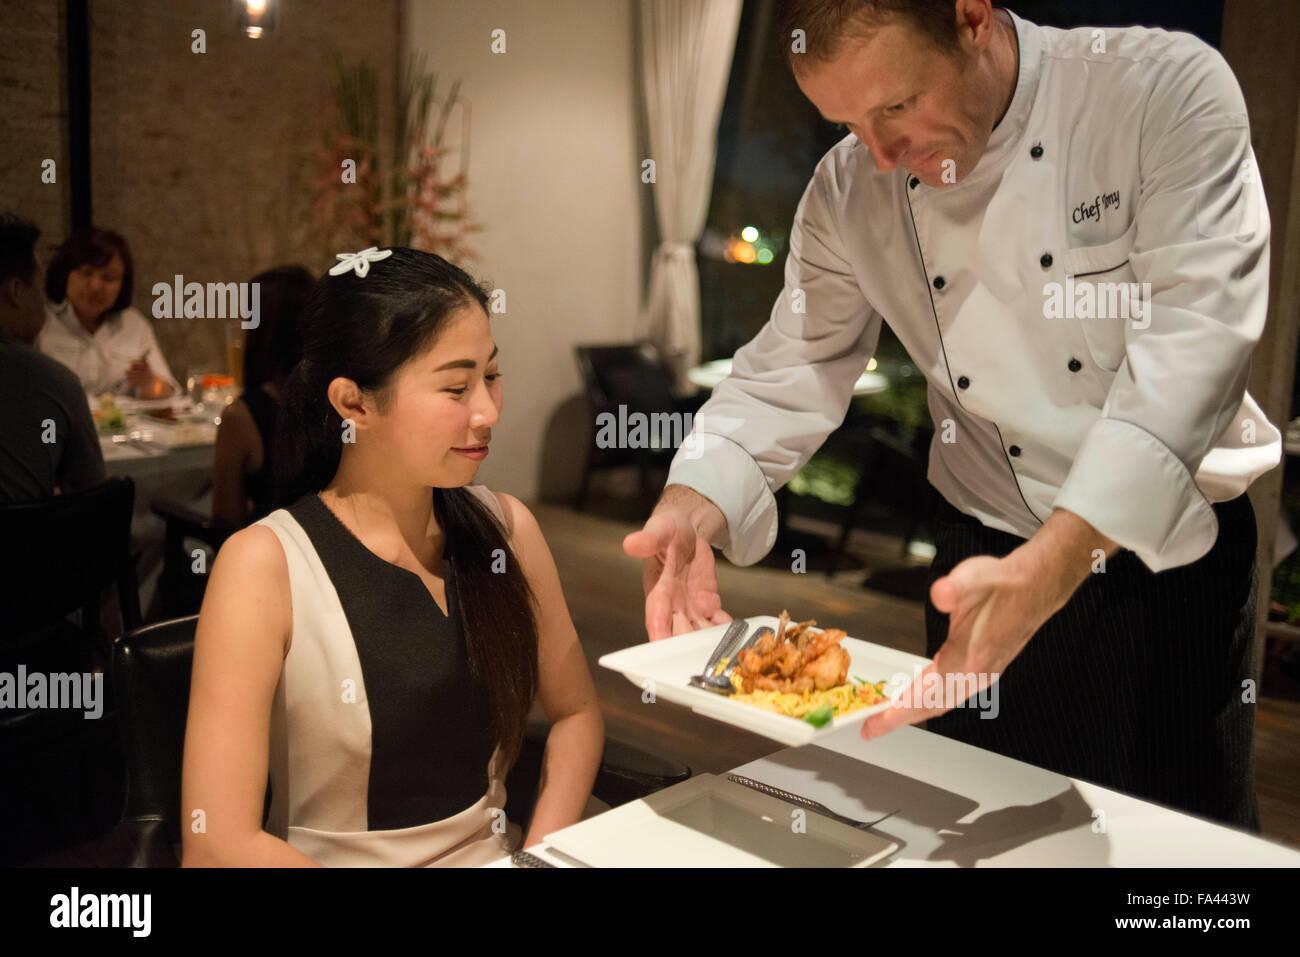 Chef Tony From Sala Rattanakosin Hotel In Bangkok